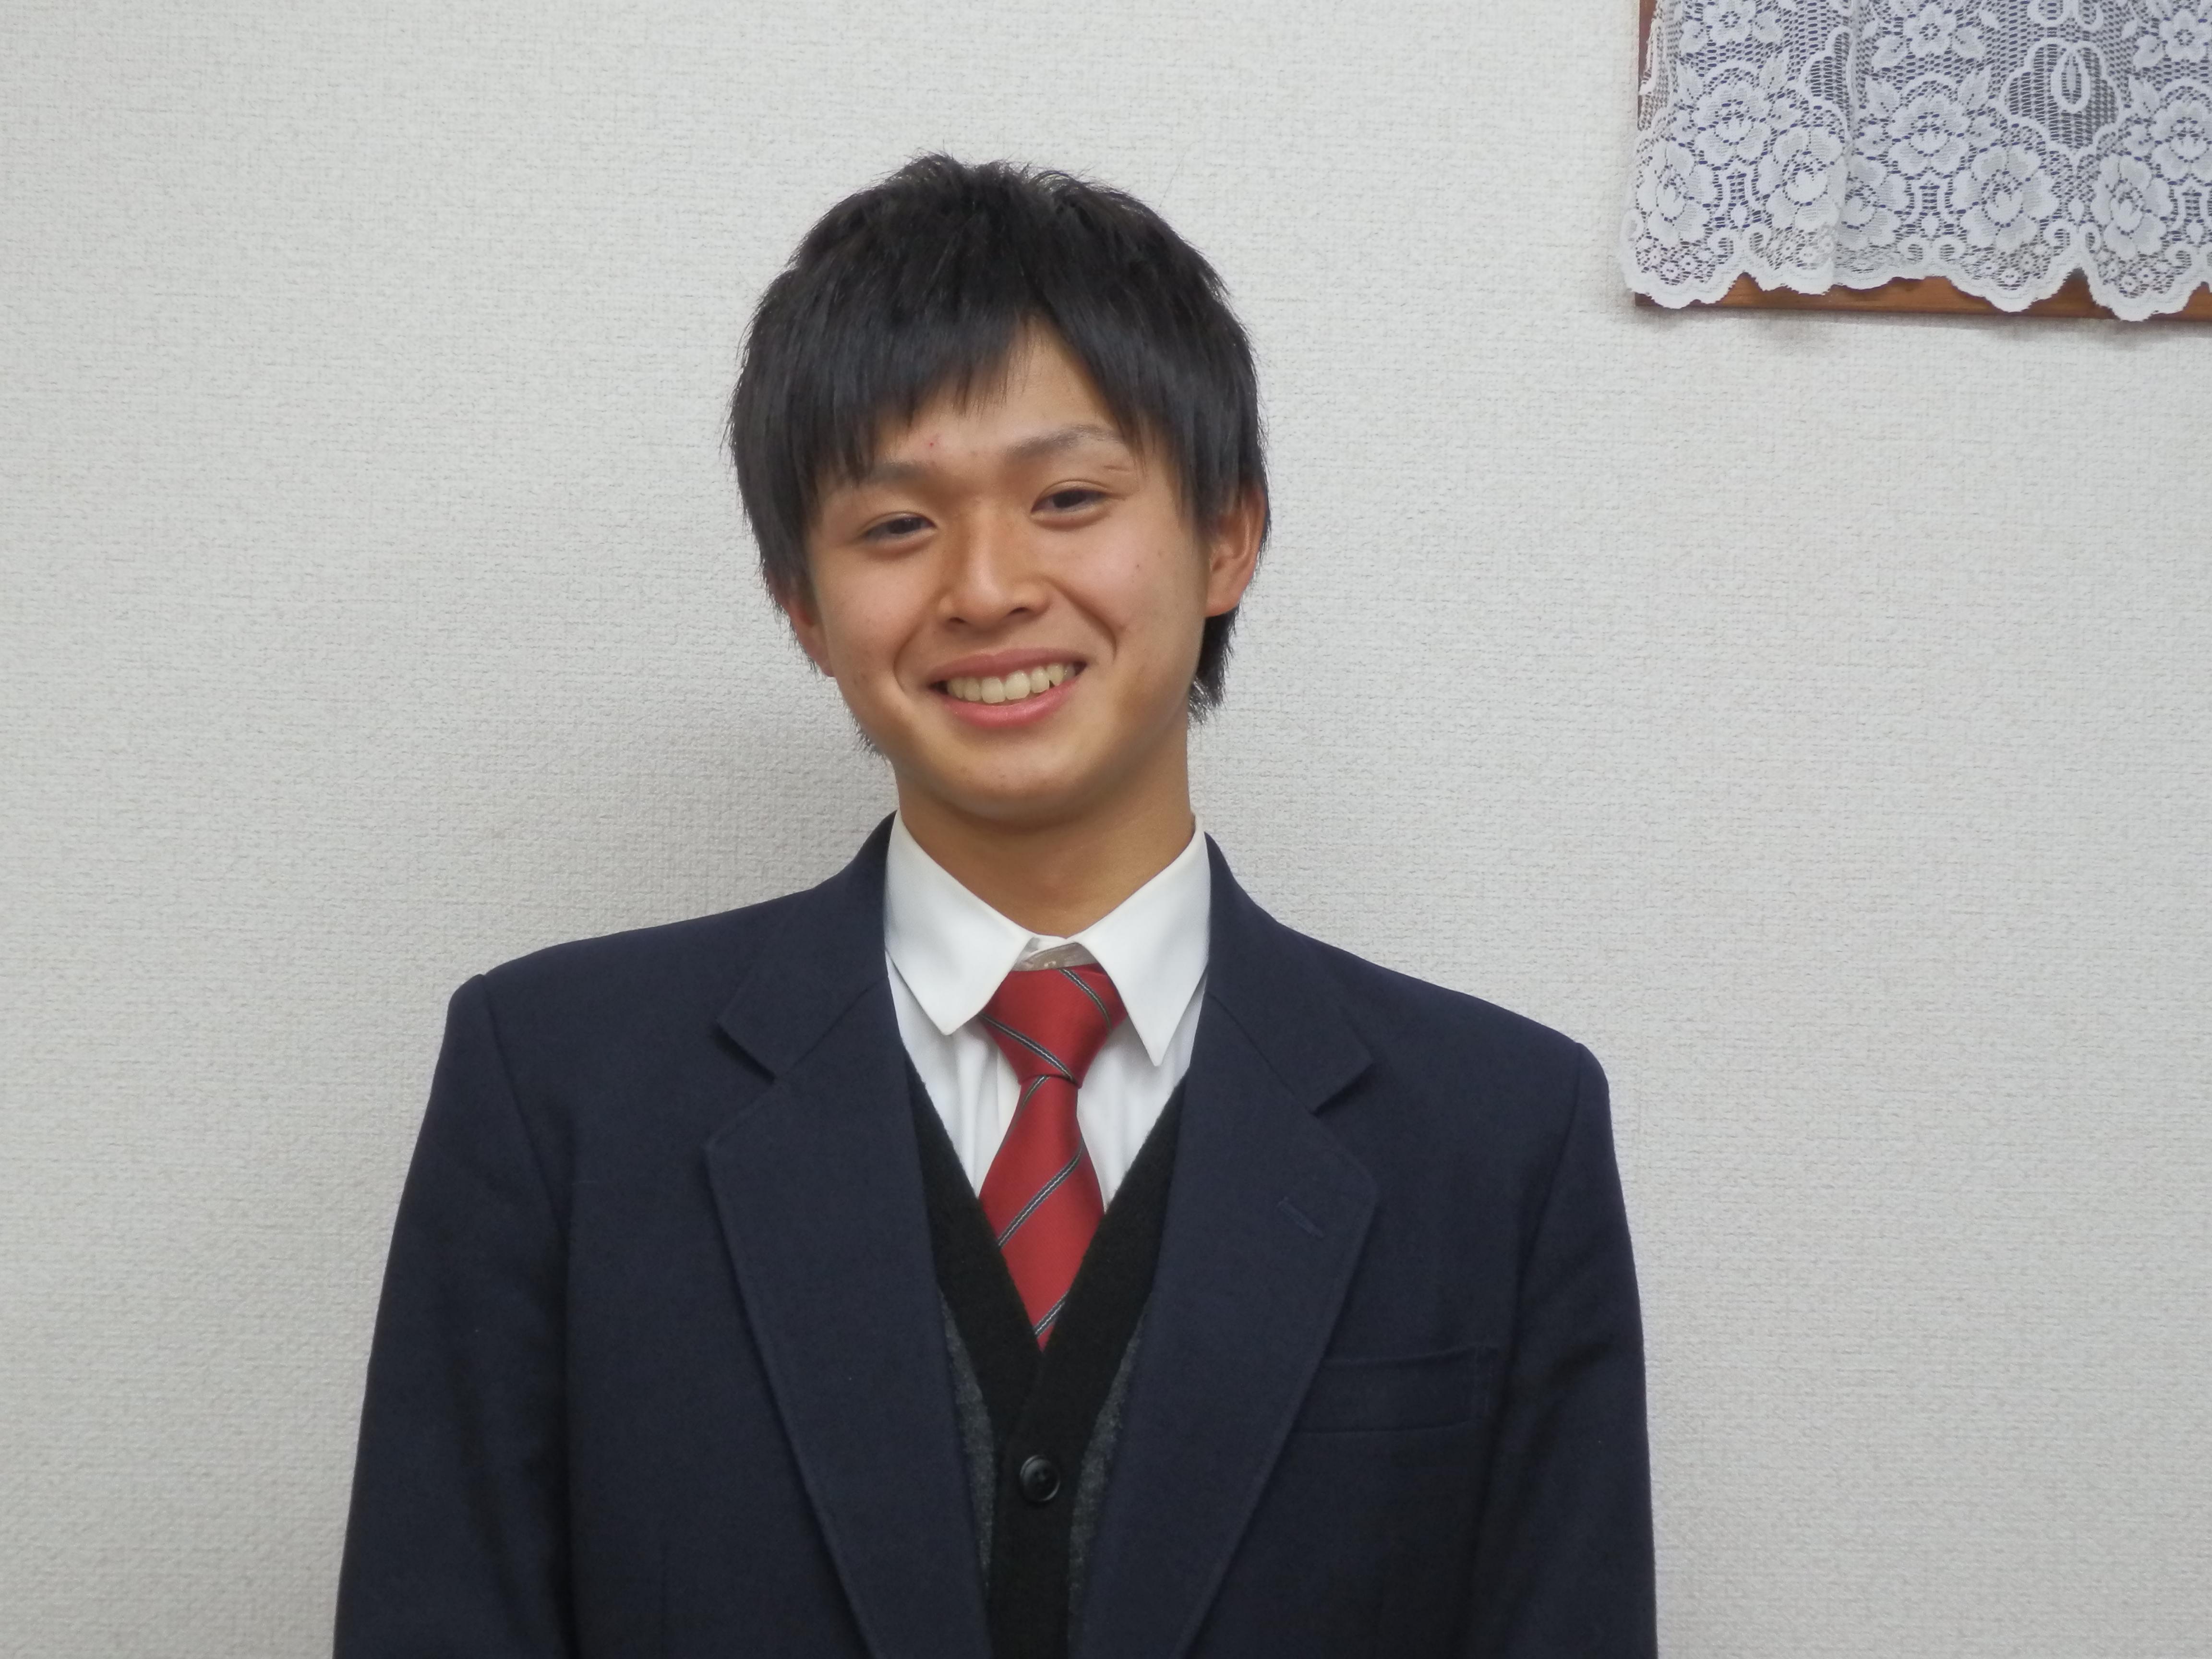 Masaya Miura